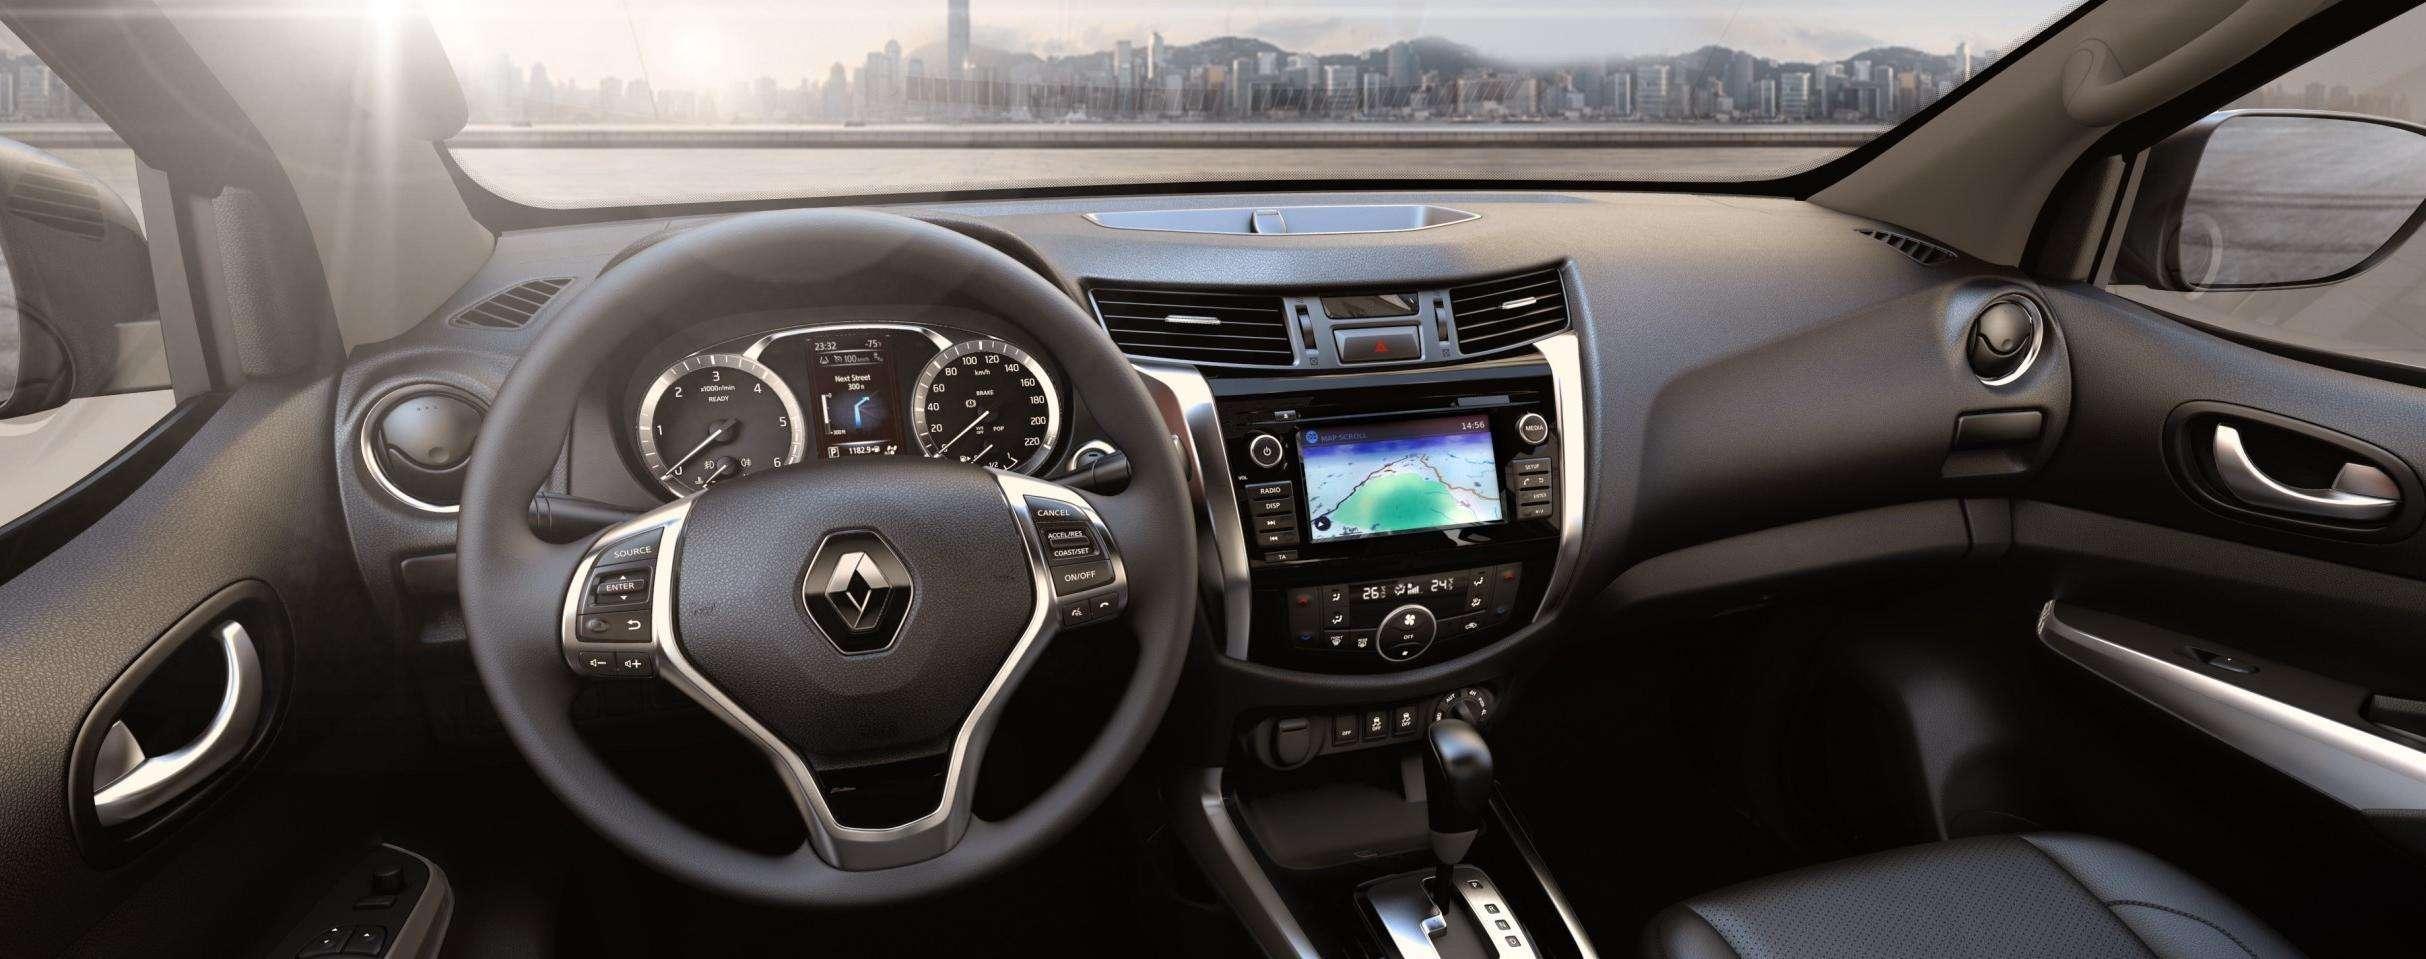 Renault_80125_global_en